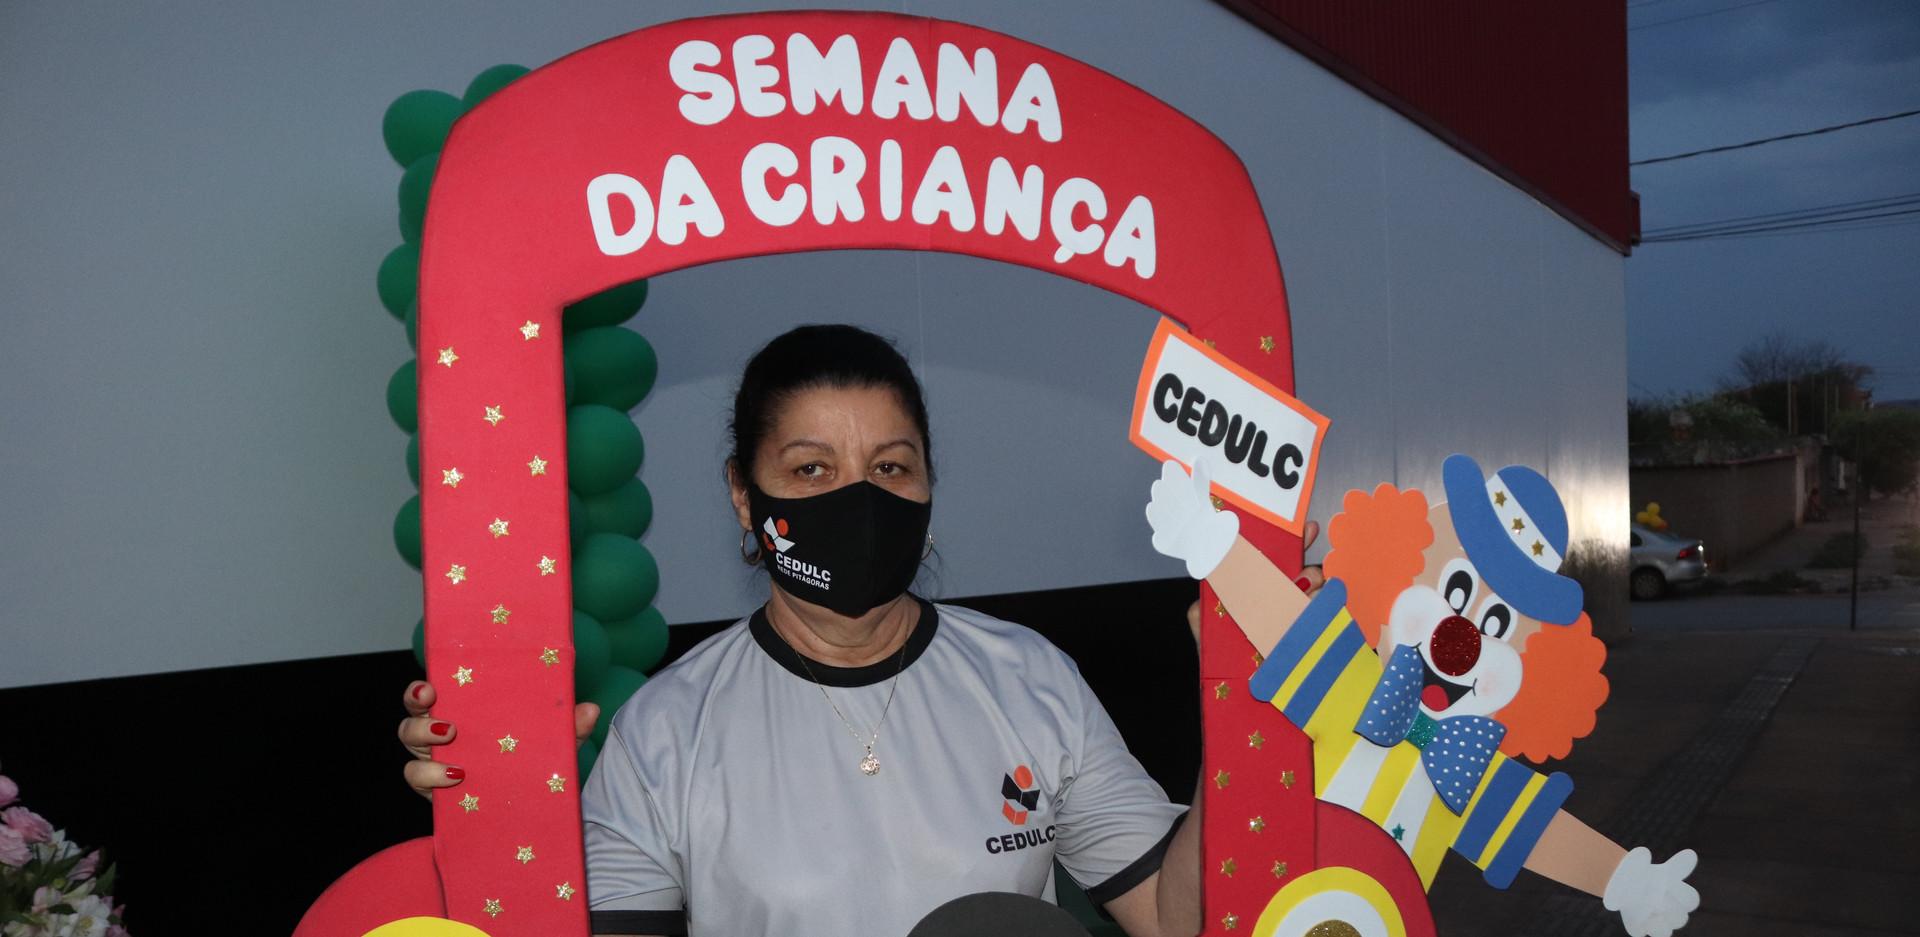 SEMANA DA CRIANCA NO CEDULC (152).JPG